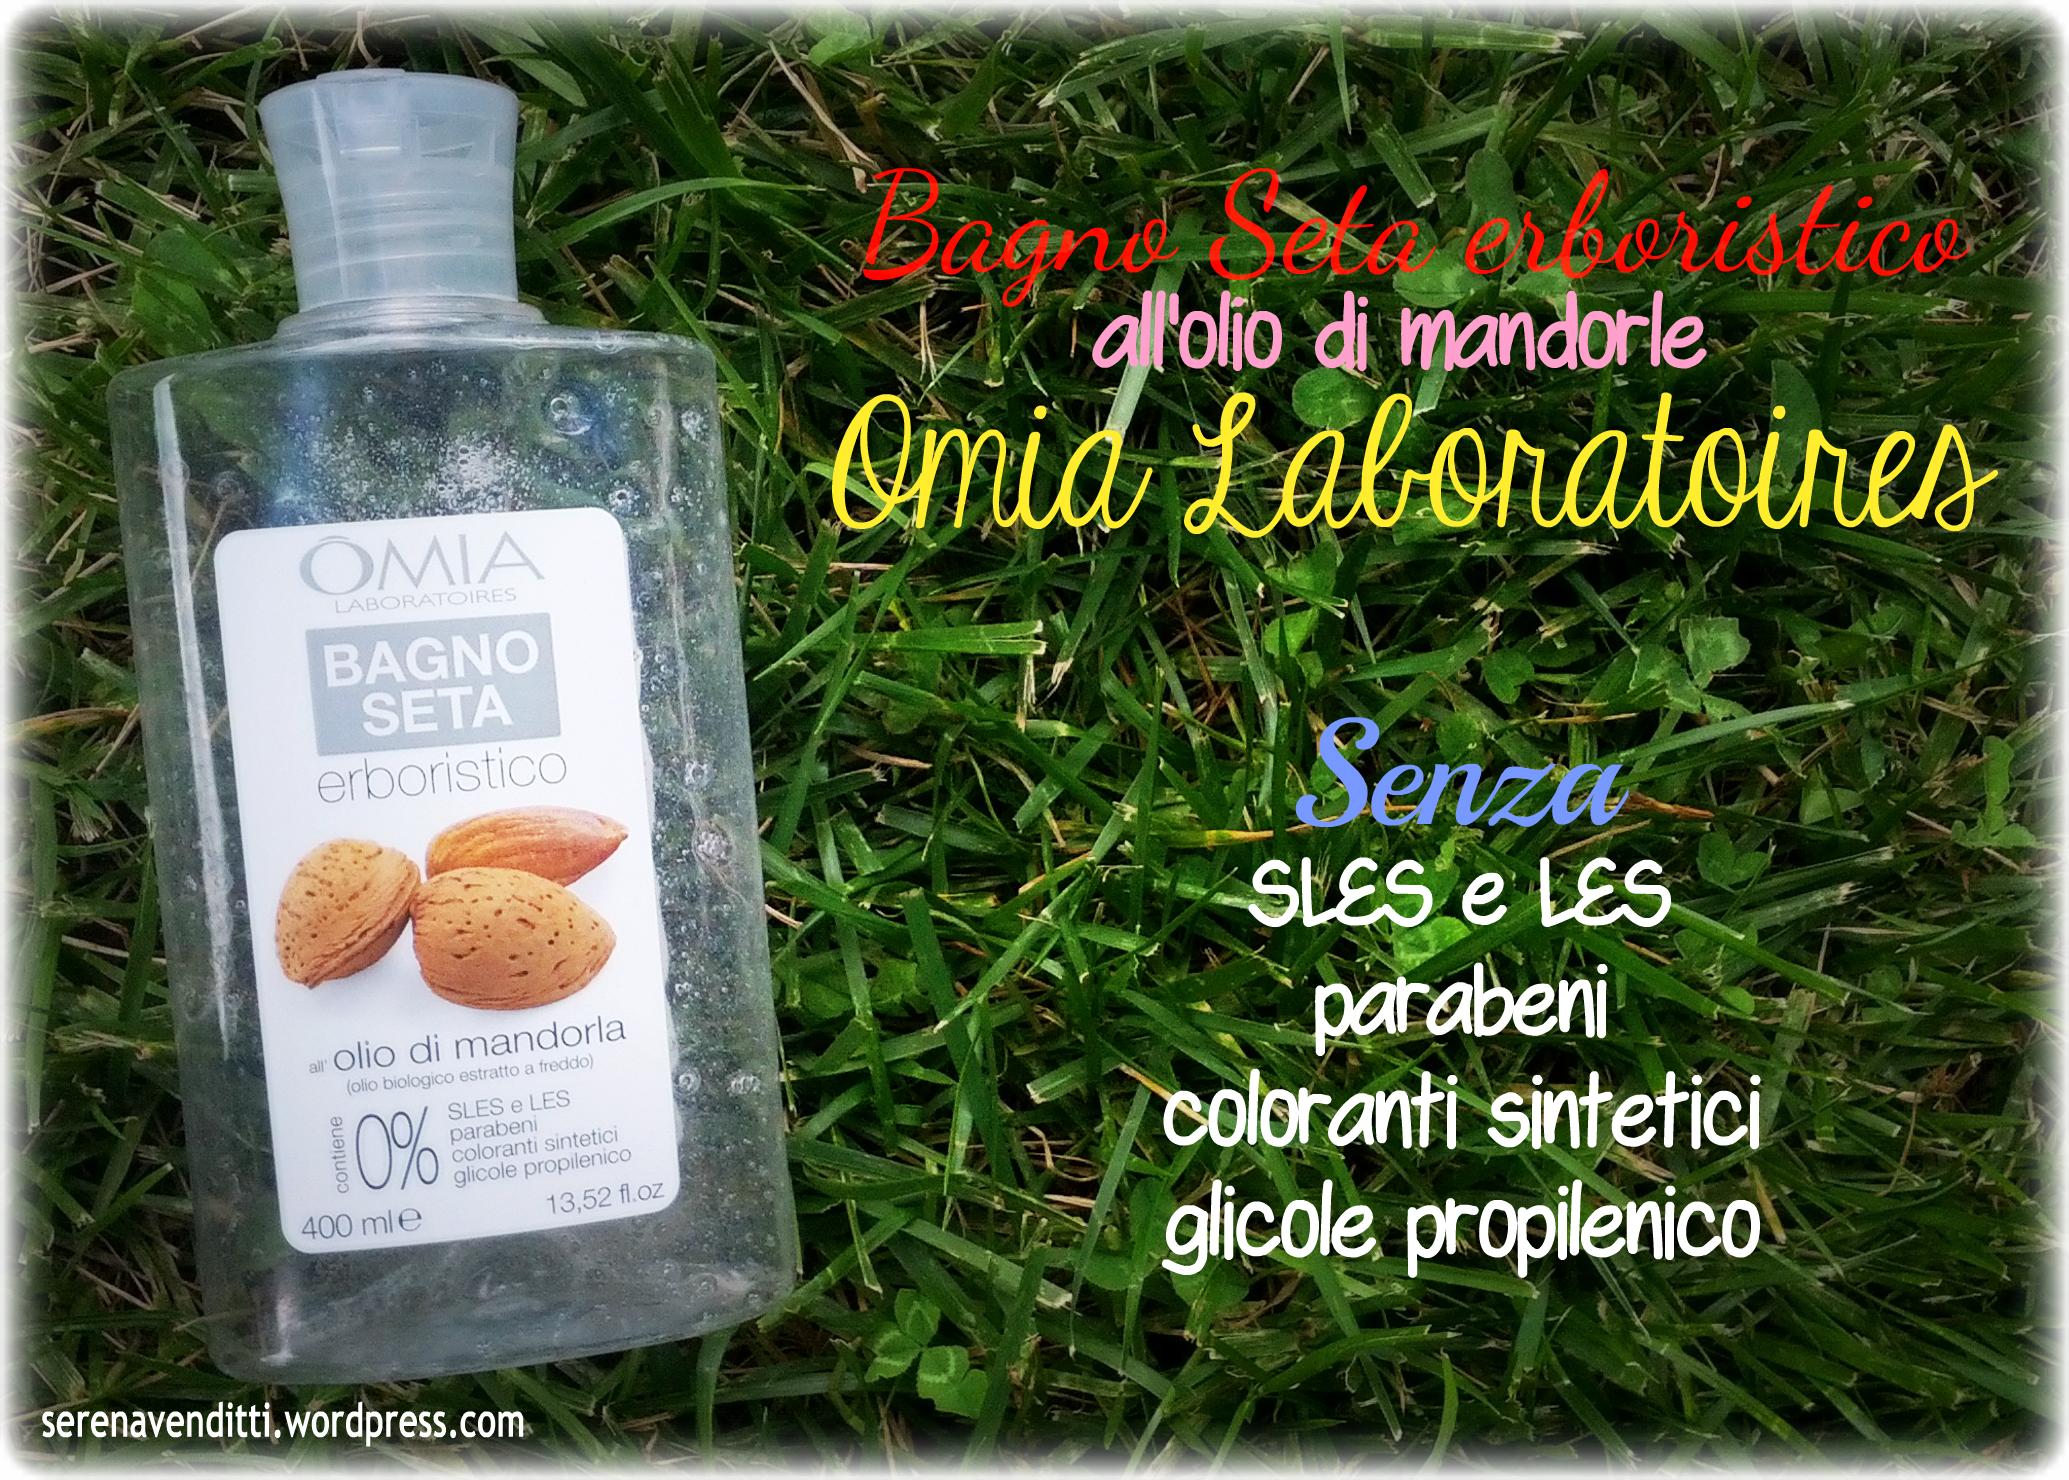 Bagnoseta all olio di mandorle omia laboratoires - Omia bagno seta olio di jojoba inci ...